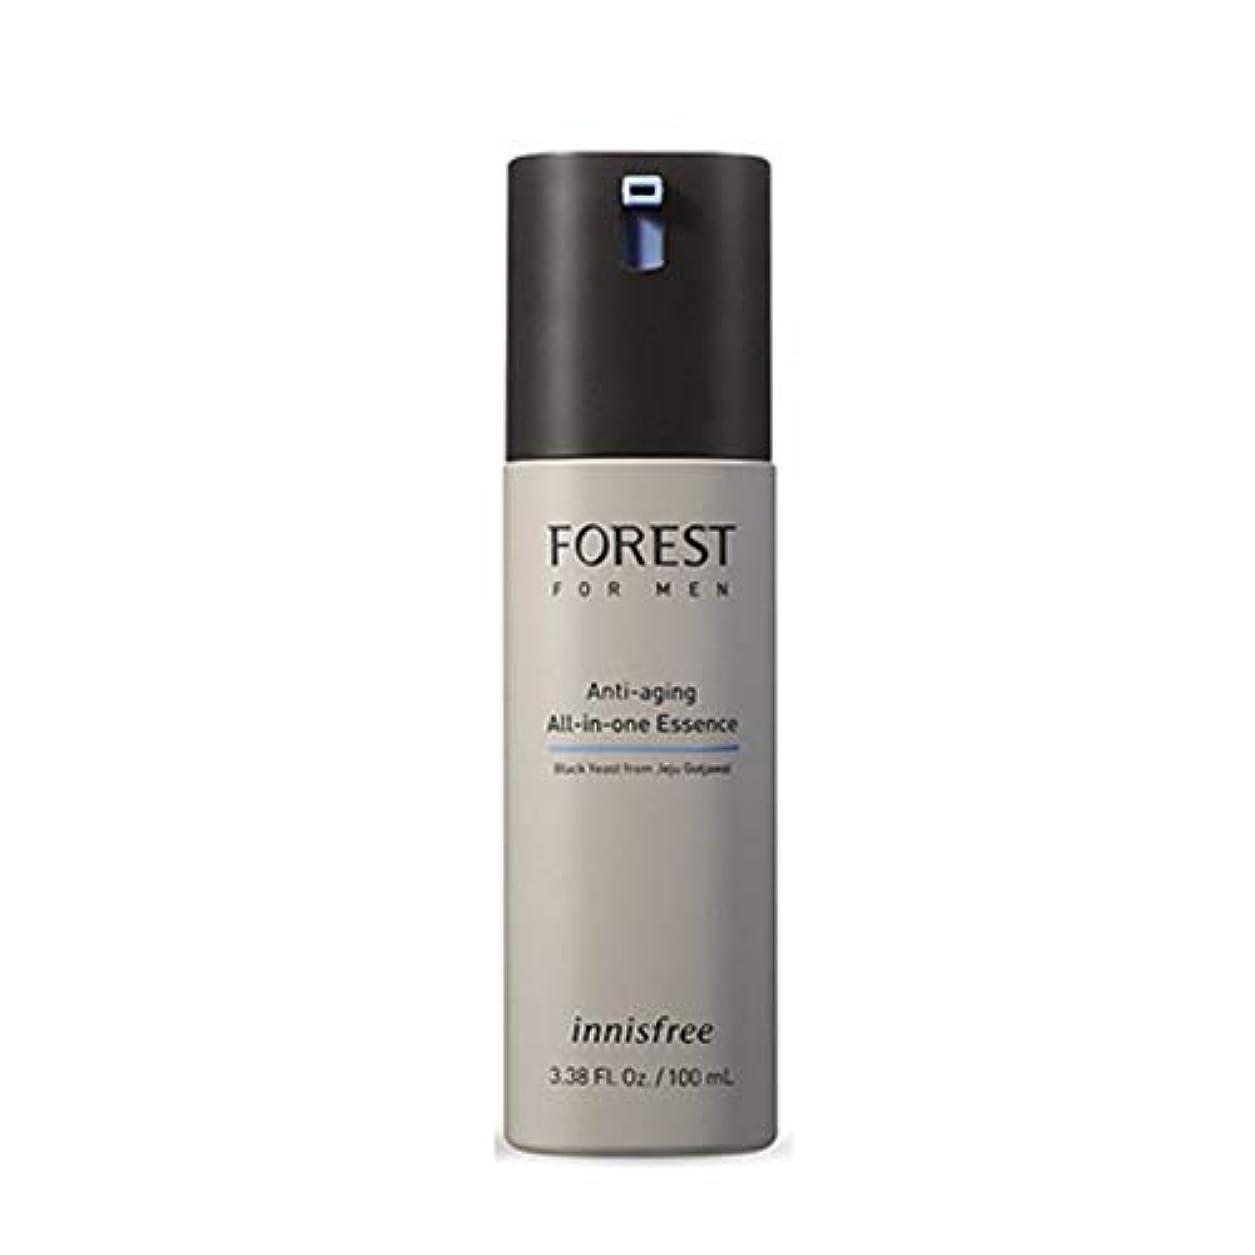 レディ眉をひそめる捨てるイニスフリーフォレストフォーメンオールインワンエッセンス100ml 4タイプメンズコスメ韓国コスメ、innisfree Forest for Men All-in-one Essence 100ml 4 Types Korean...